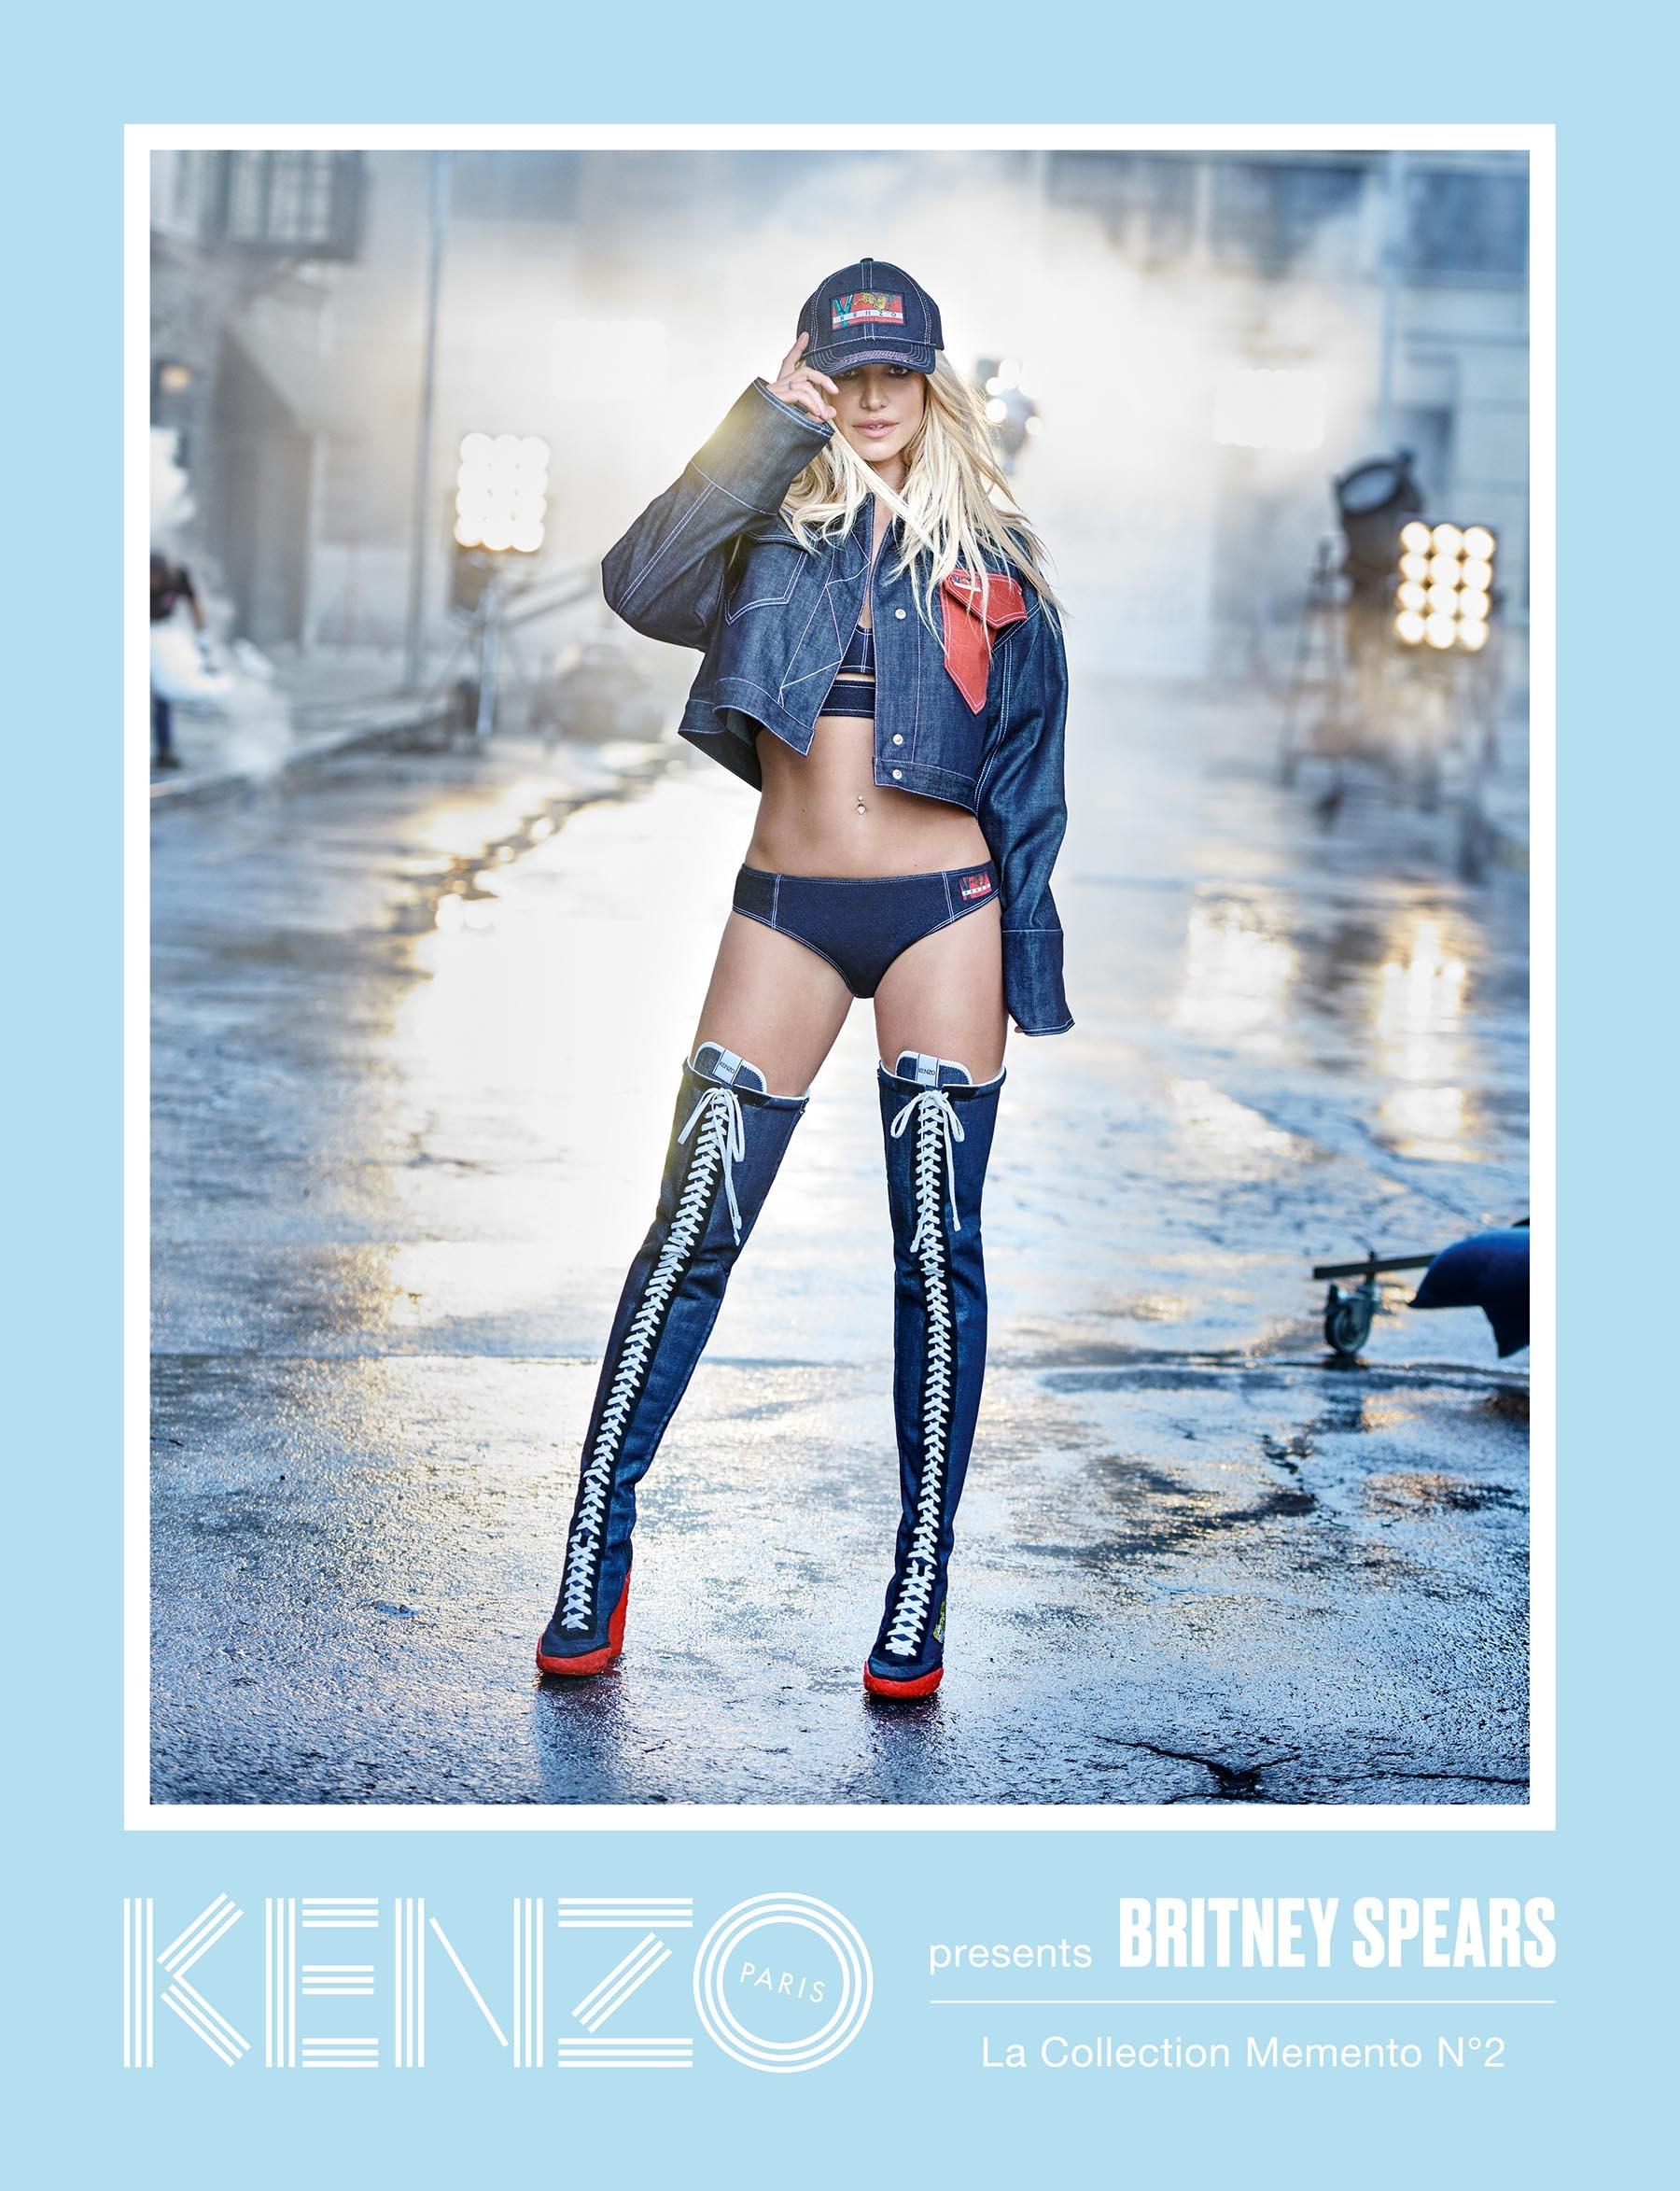 Britney Spears è la protagonista della nuova campagna Kenzo